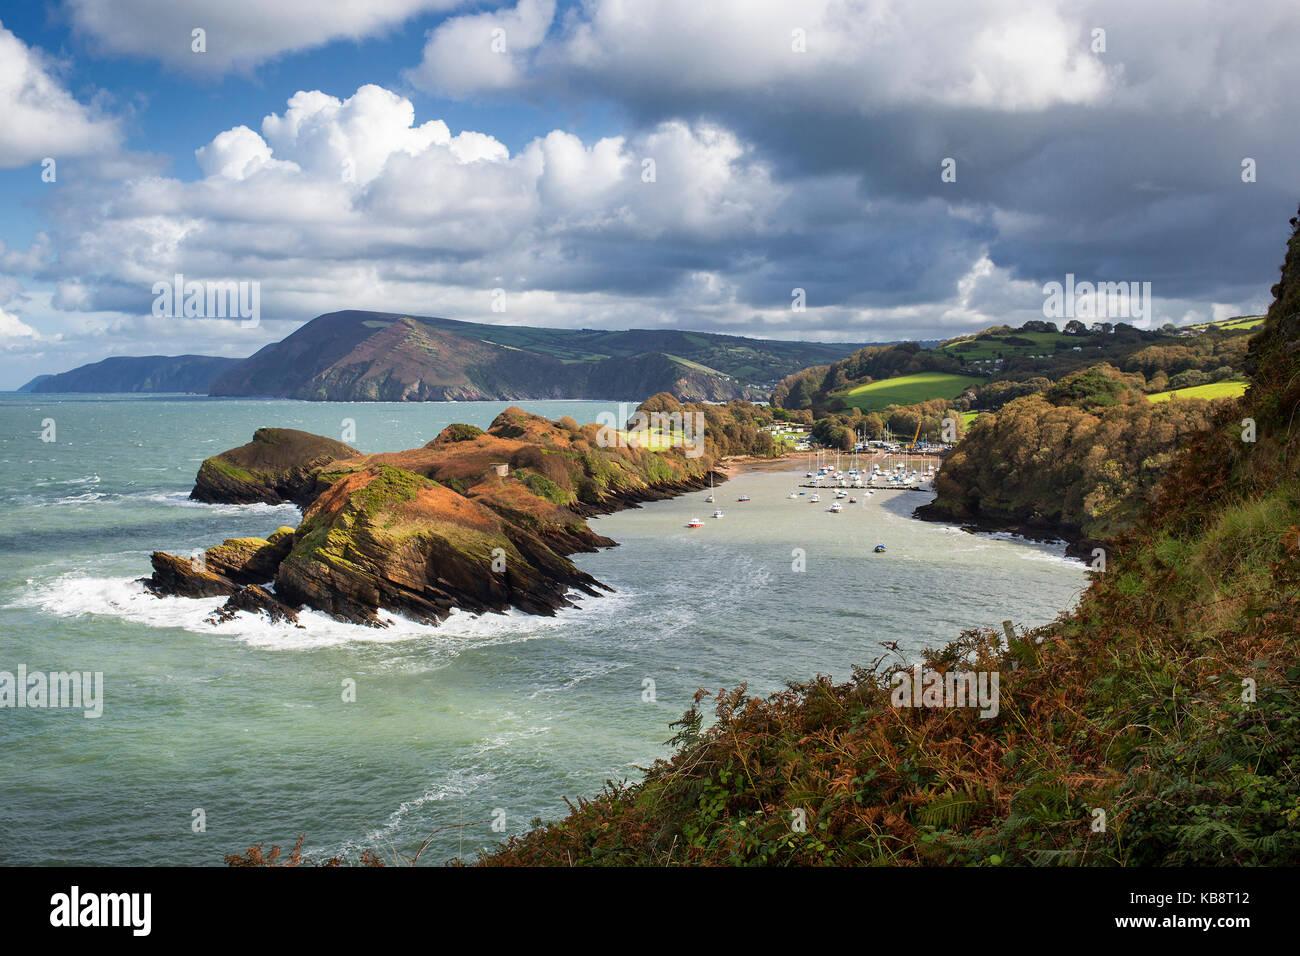 Küstenlandschaft an der Mündung der Bucht, in der Nähe von Ilfracombe in North Devon, Großbritannien Stockbild